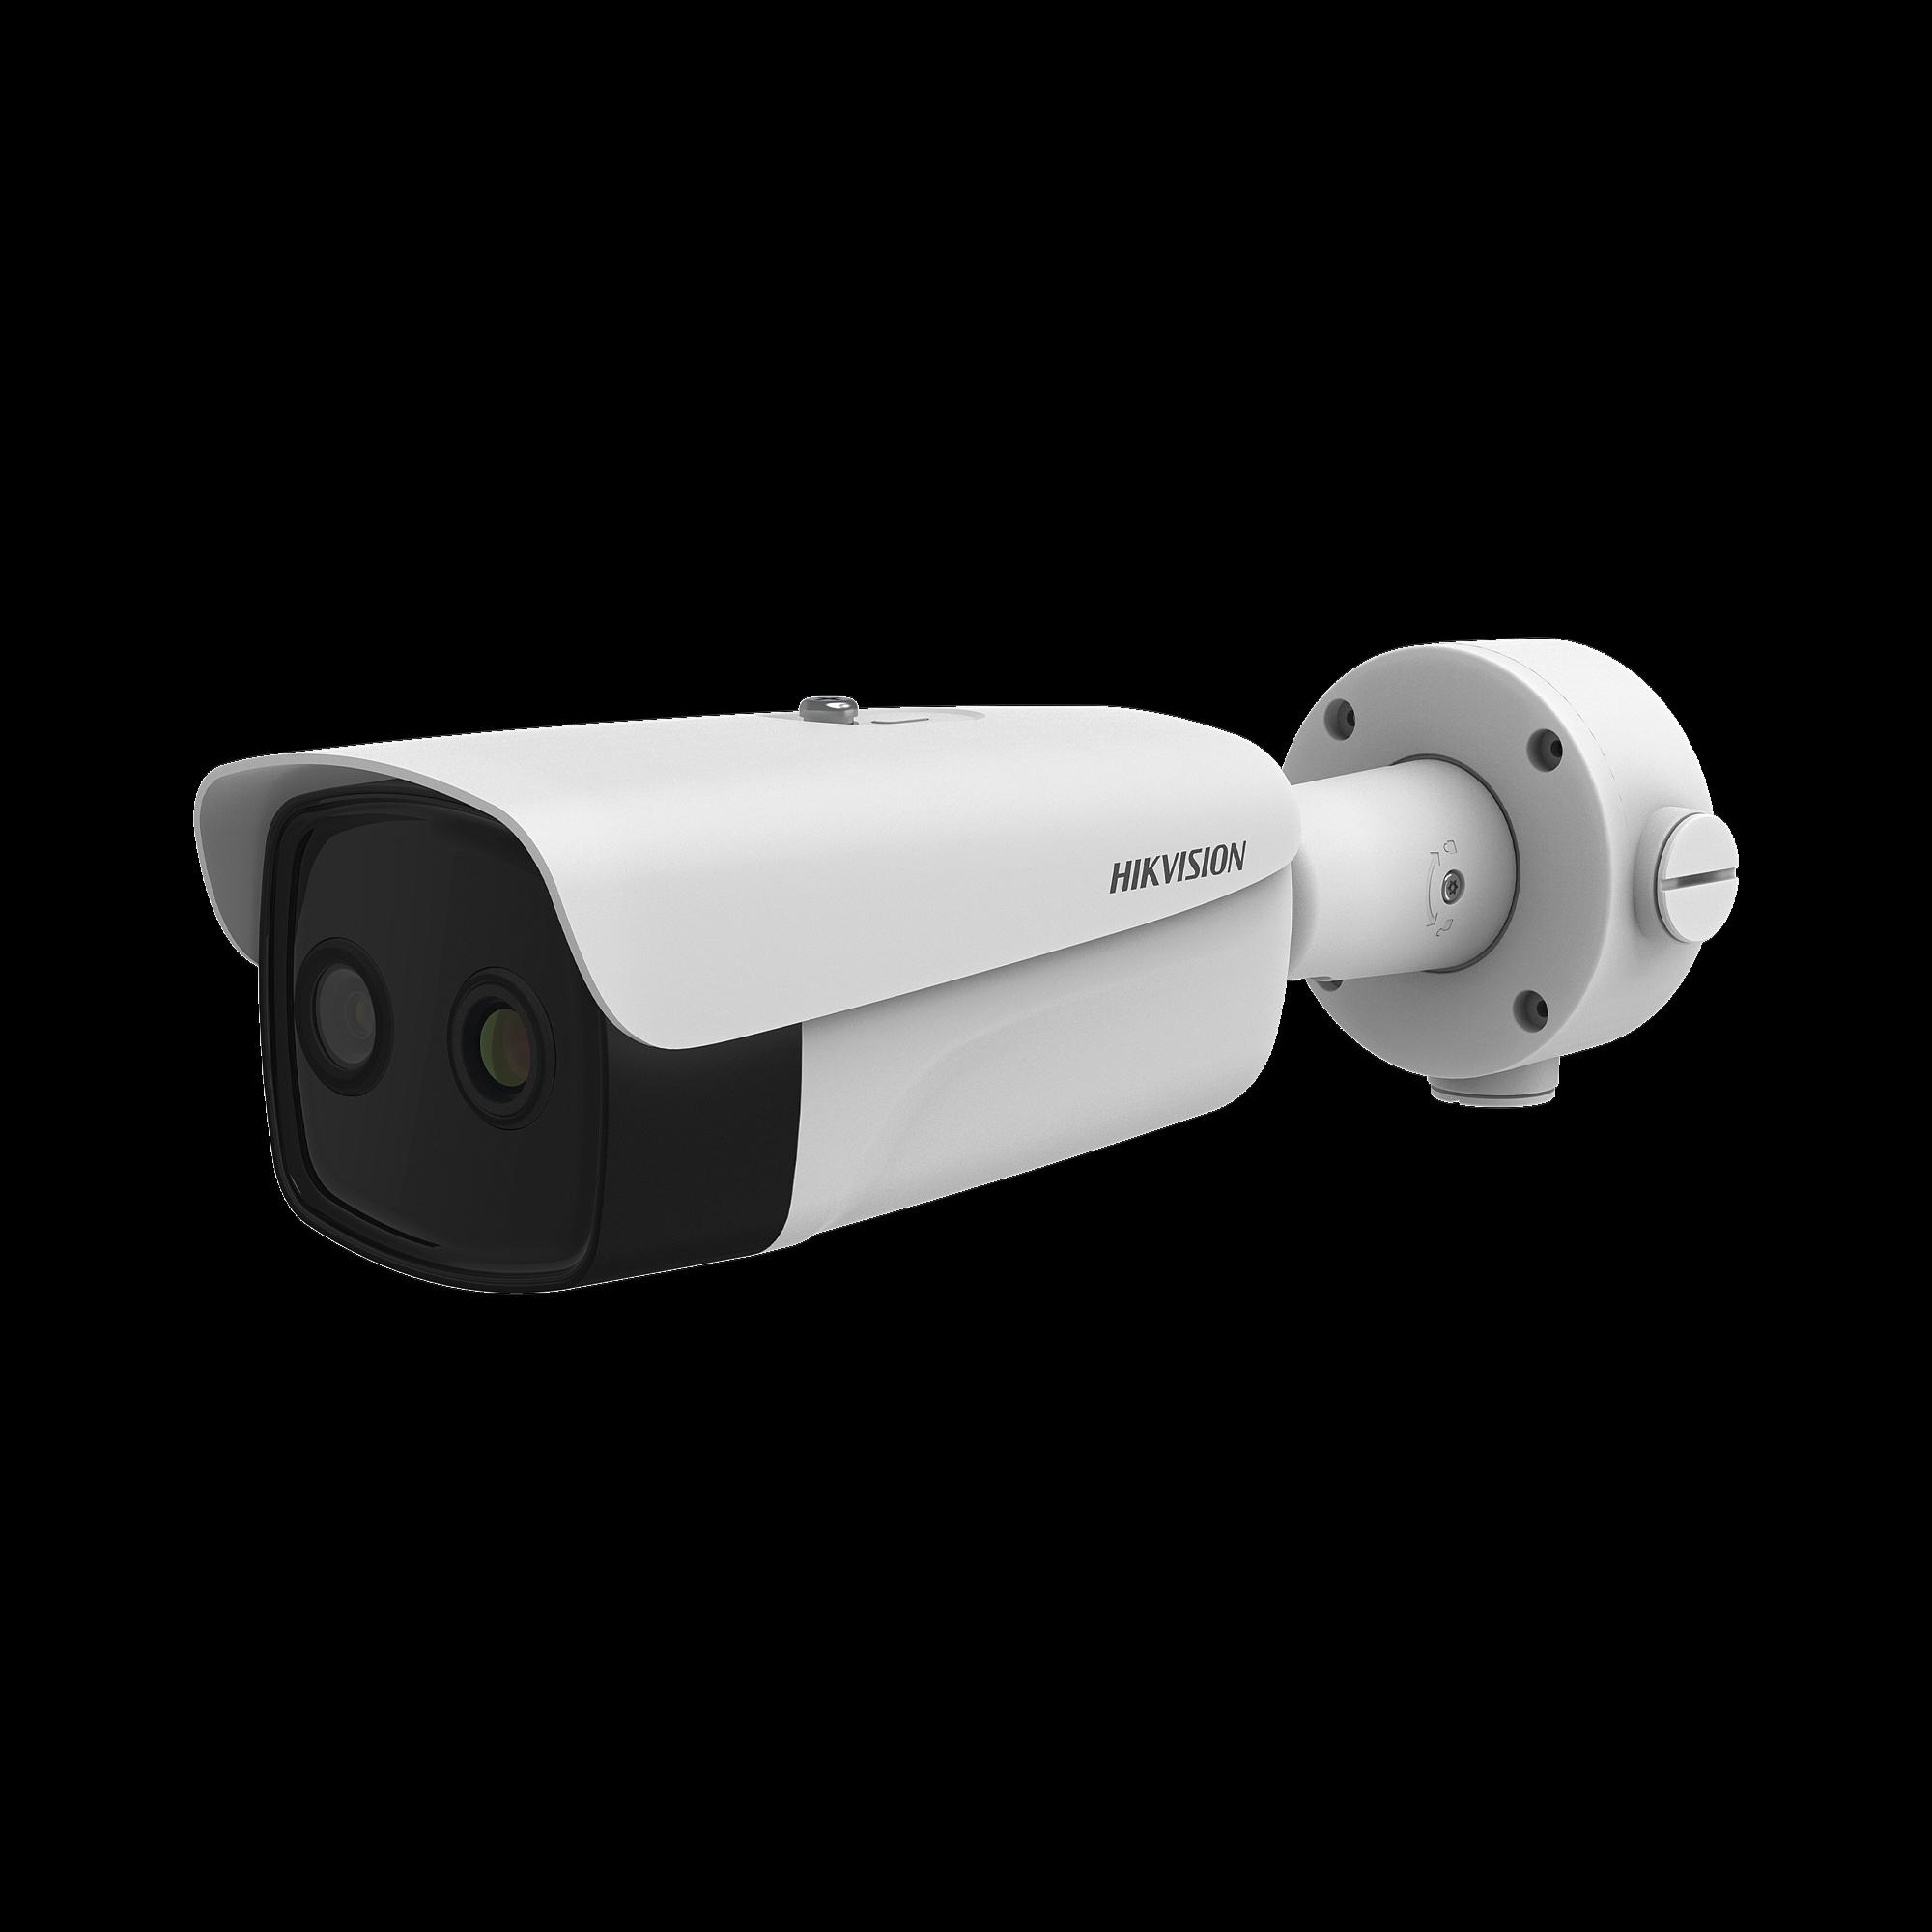 Bala IP Dual / Termica 15 mm (384 X 288 ) / optico 6 mm (4 Megapixel) / 50 mts IR / IP66 / PoE / Termometrica / Deteccion de Temperatura